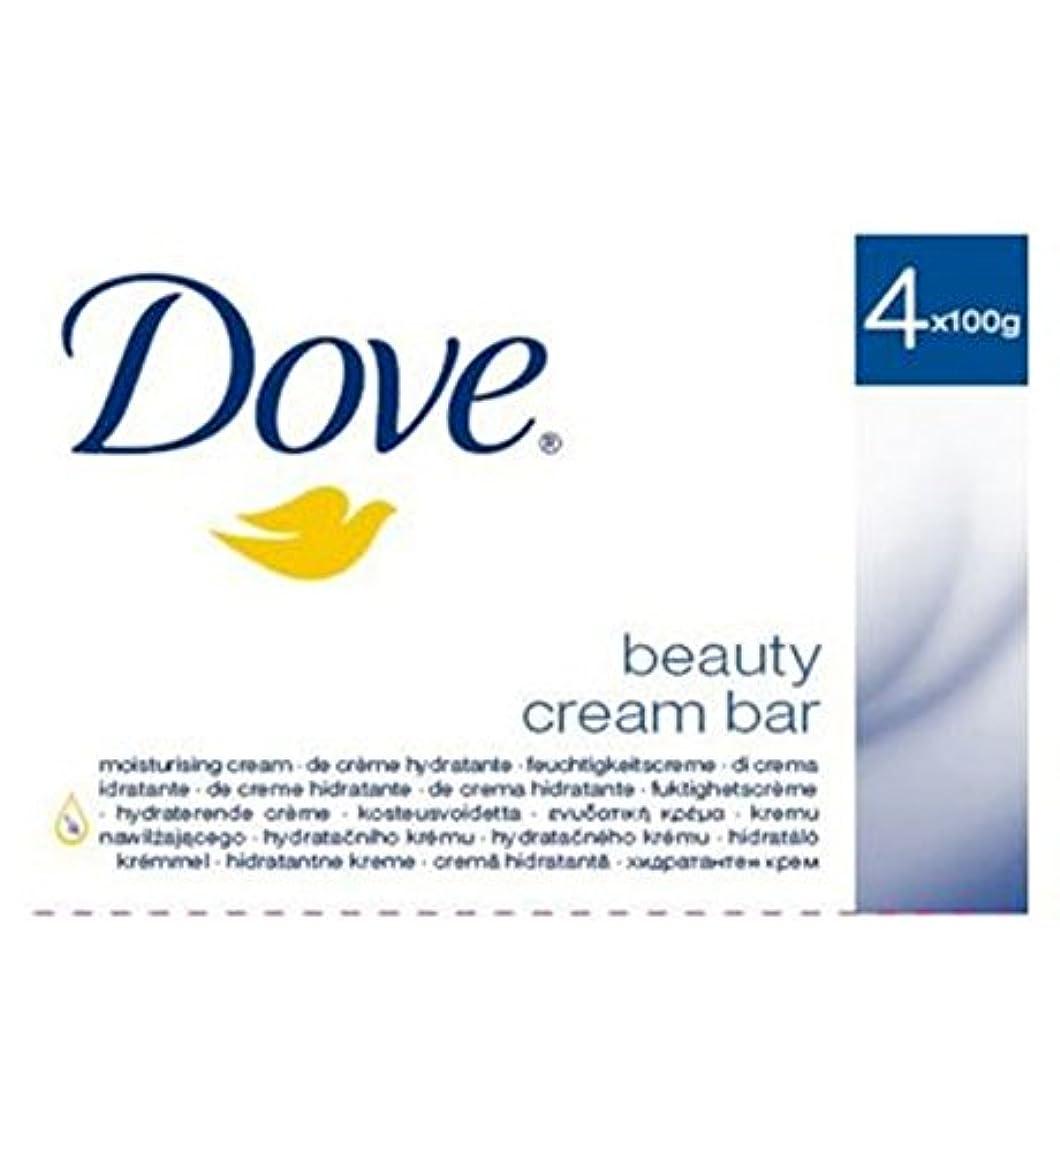 移動キルス教科書Dove Original Beauty Cream Bar 4 x 100g - 鳩元の美しさのクリームバー4のX 100グラム (Dove) [並行輸入品]